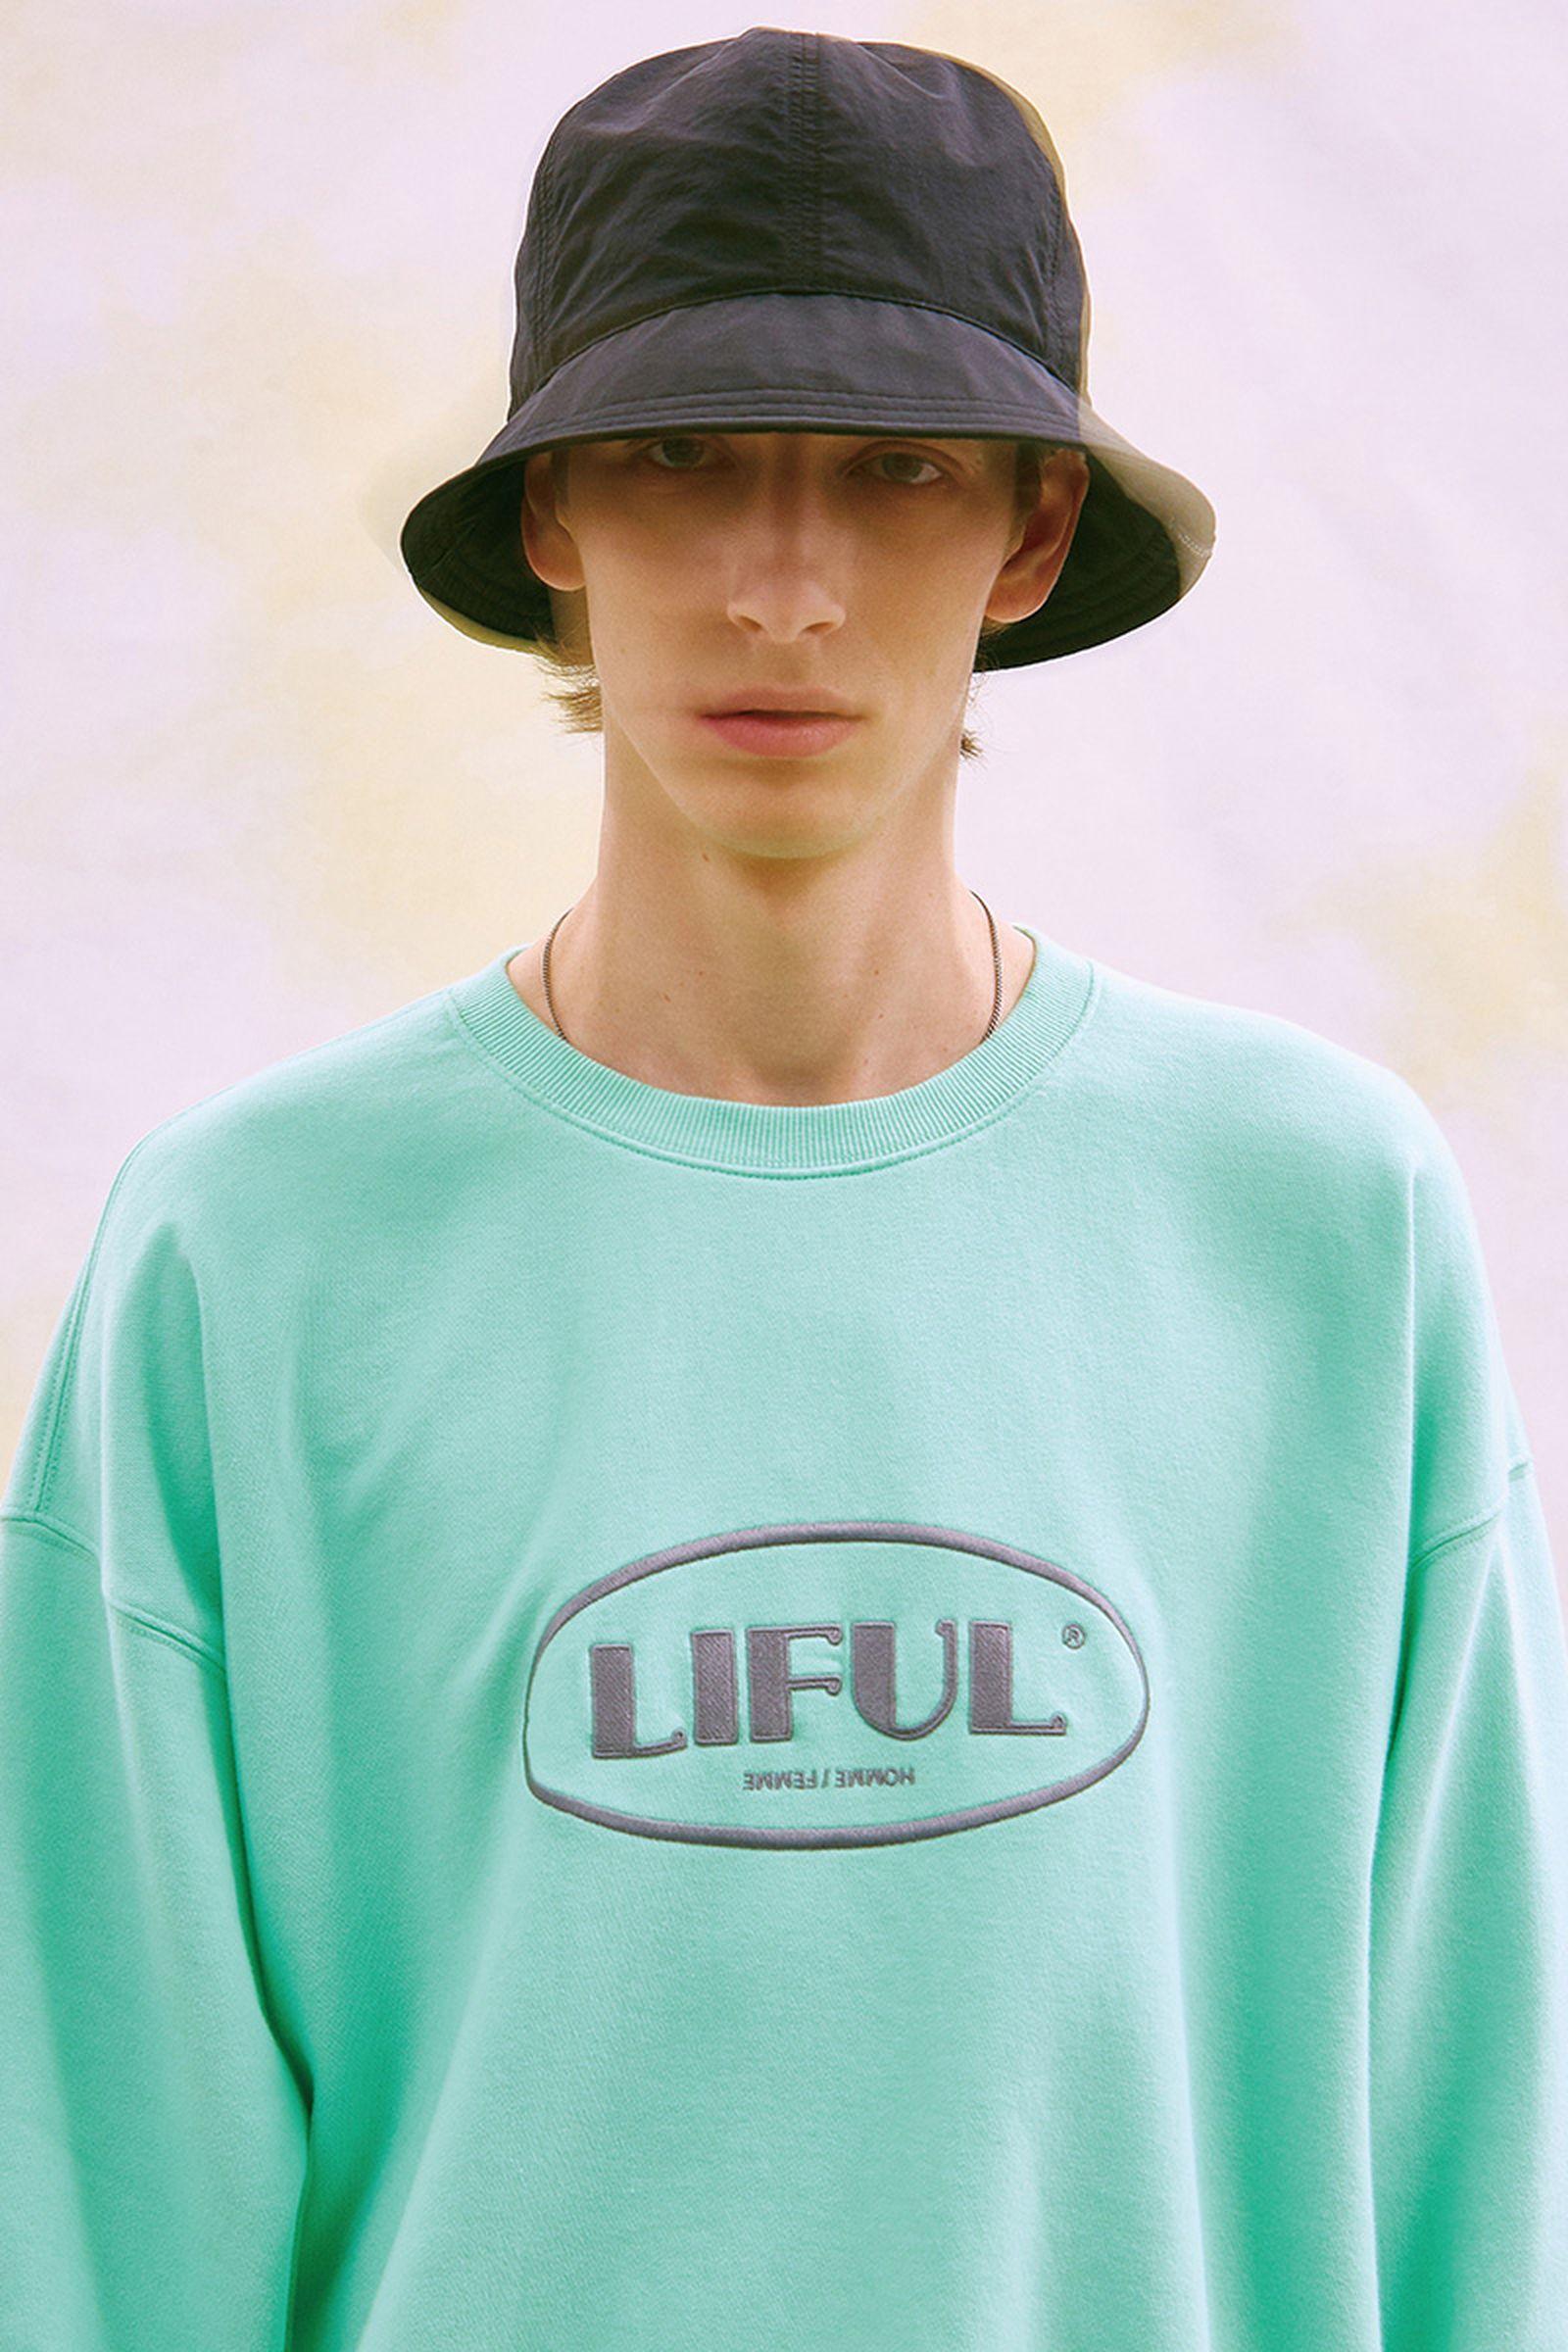 3liful minimal garments ss19 lookbook